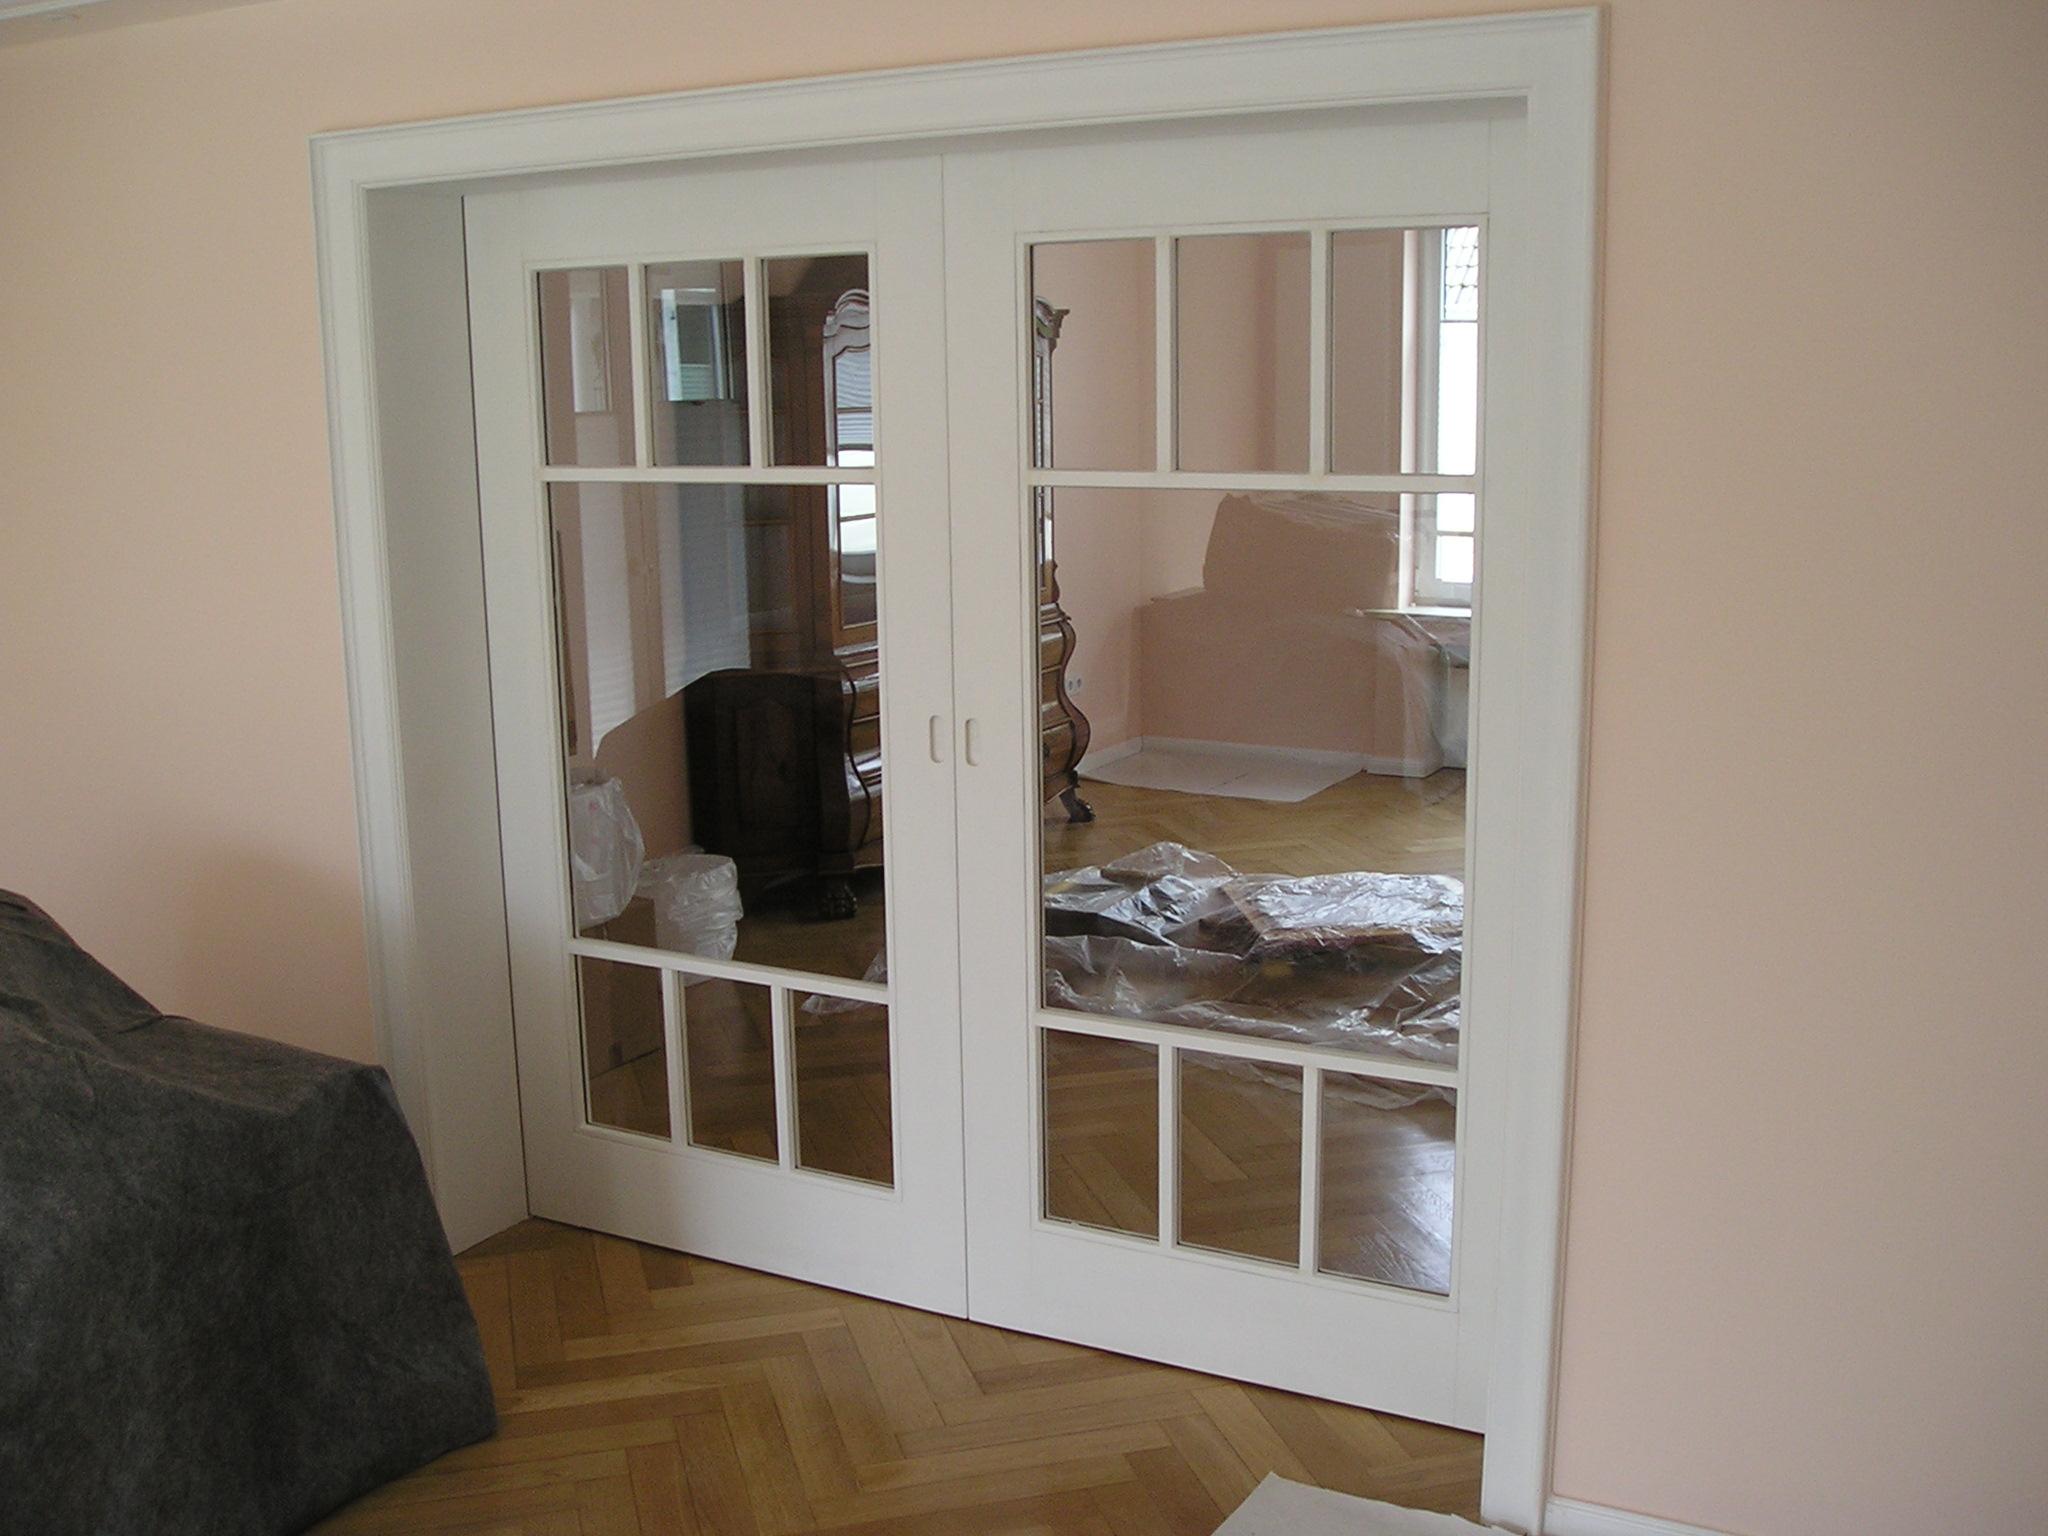 schiebeturen aus holz und glas m bel und heimat design inspiration. Black Bedroom Furniture Sets. Home Design Ideas